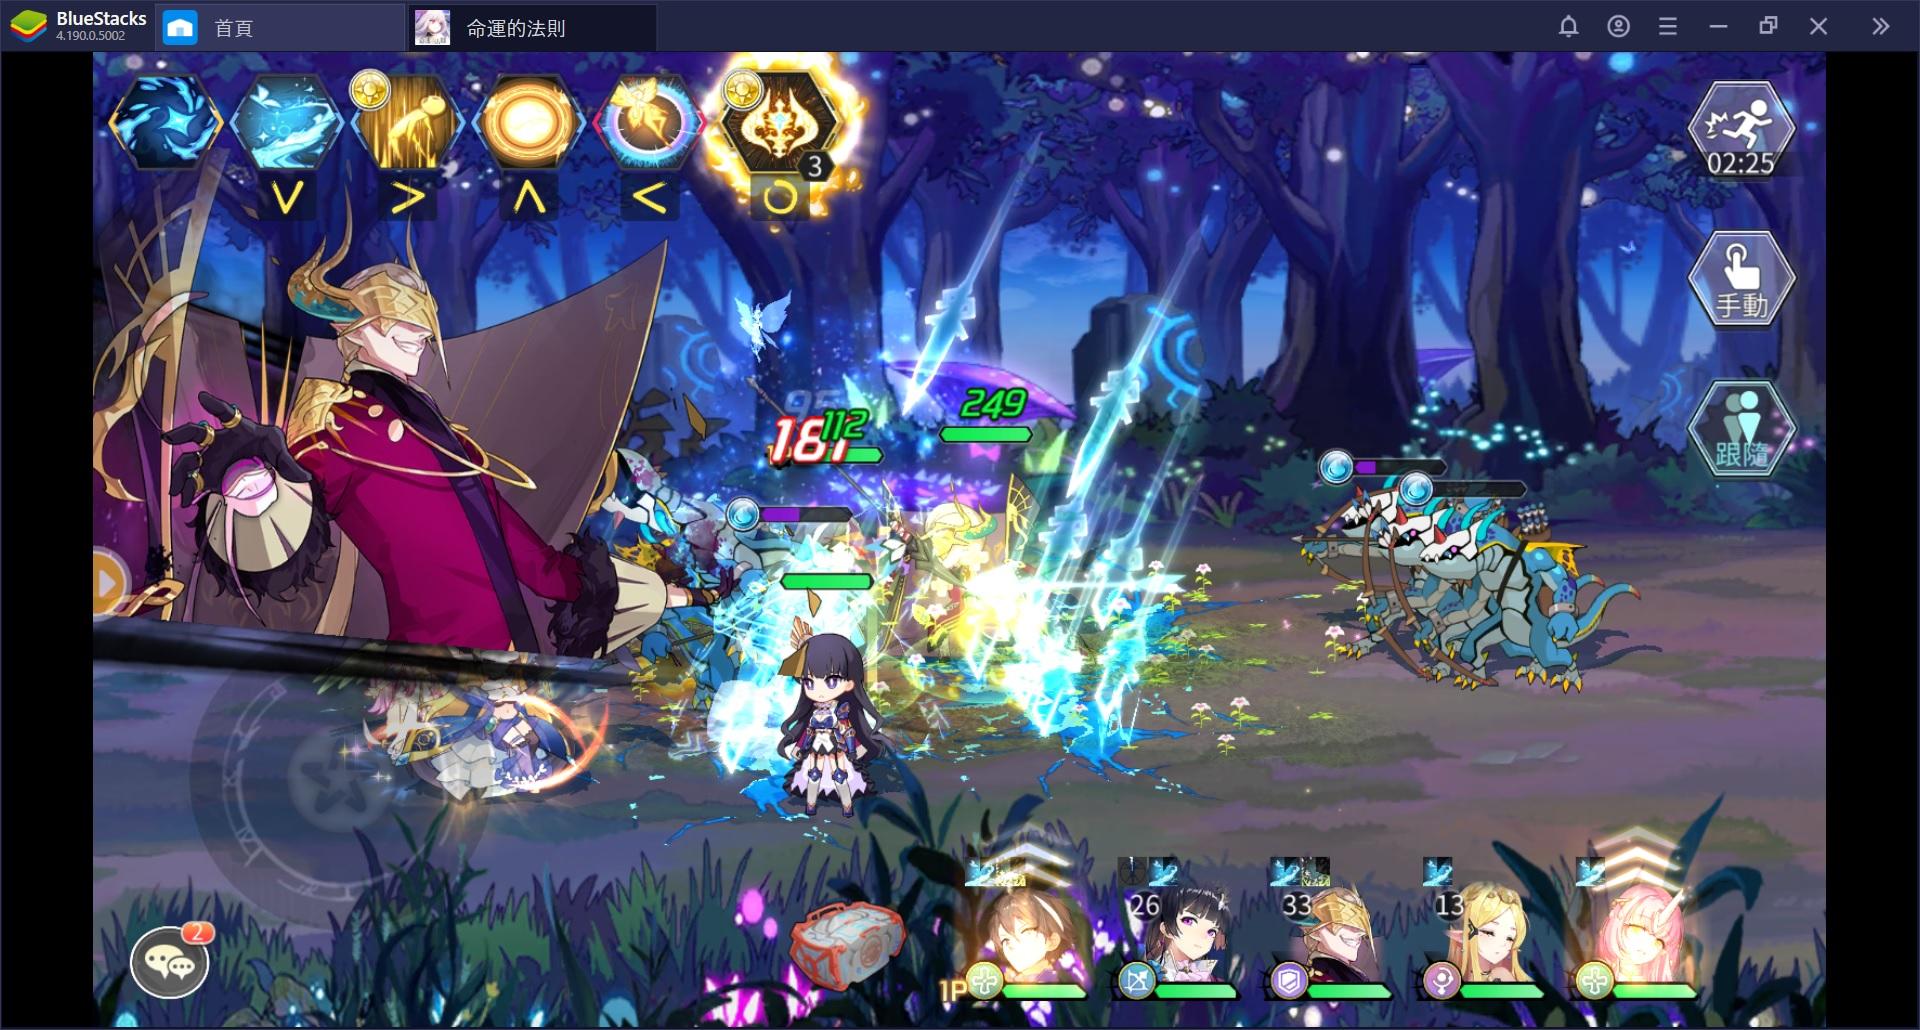 使用BlueStacks在PC上遊玩卡牌戰鬥RPG《命運的法則:無限交錯》